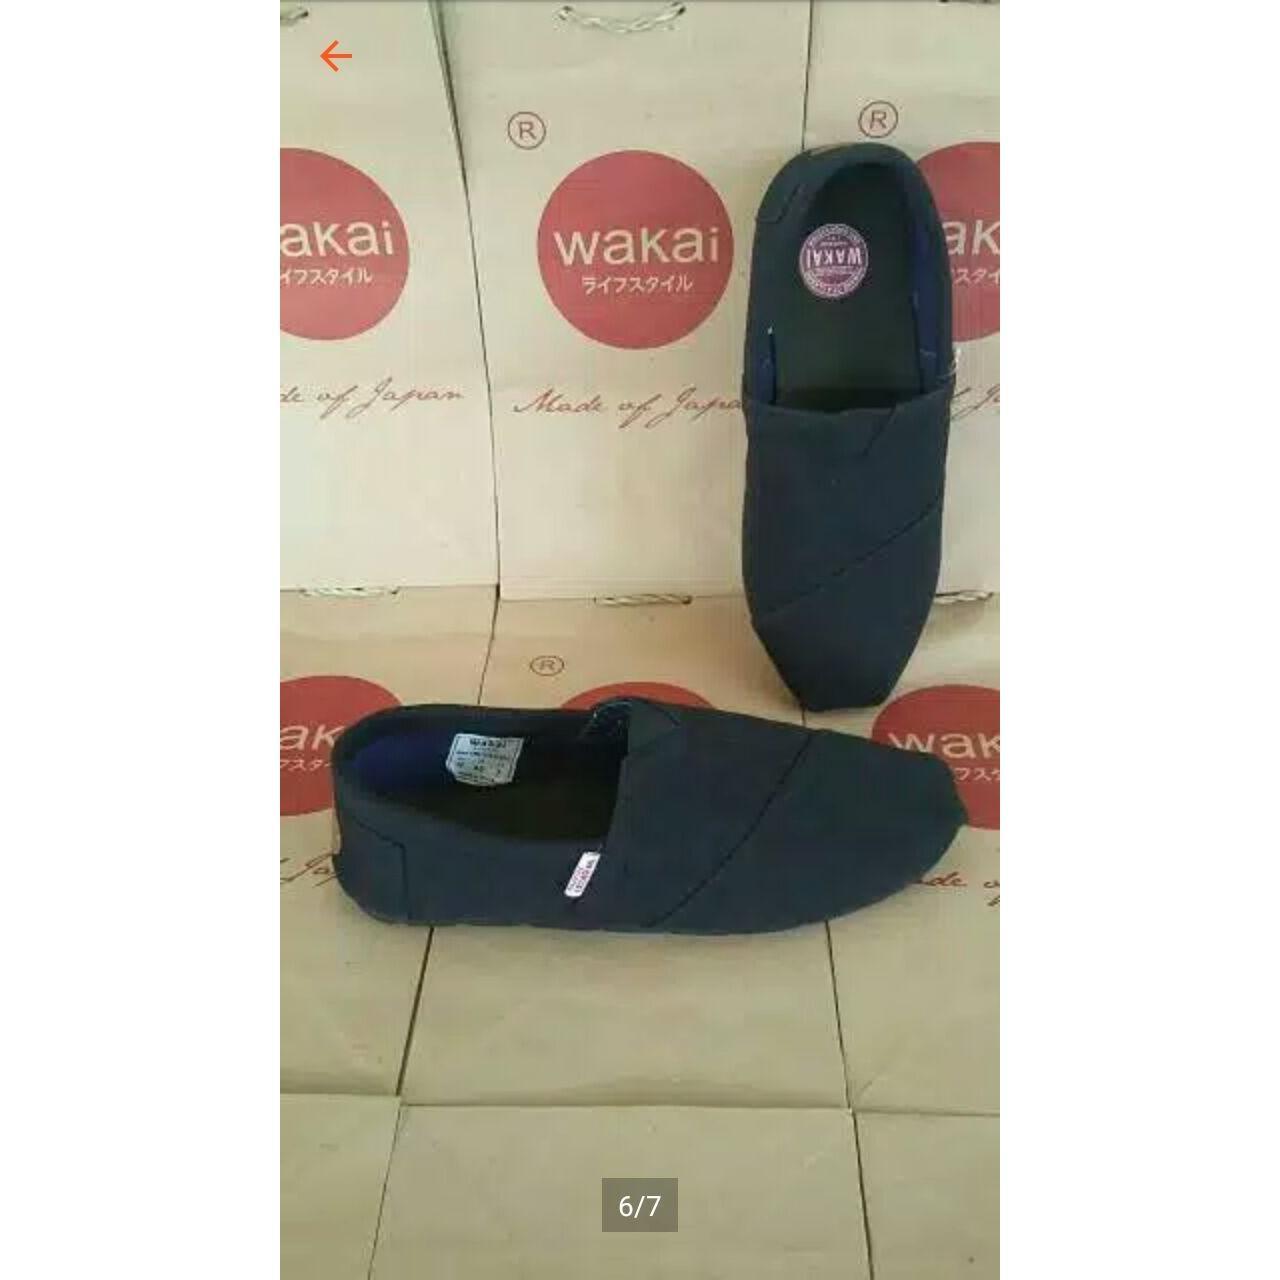 Harga Sepatu Wakai 06 Lengkap